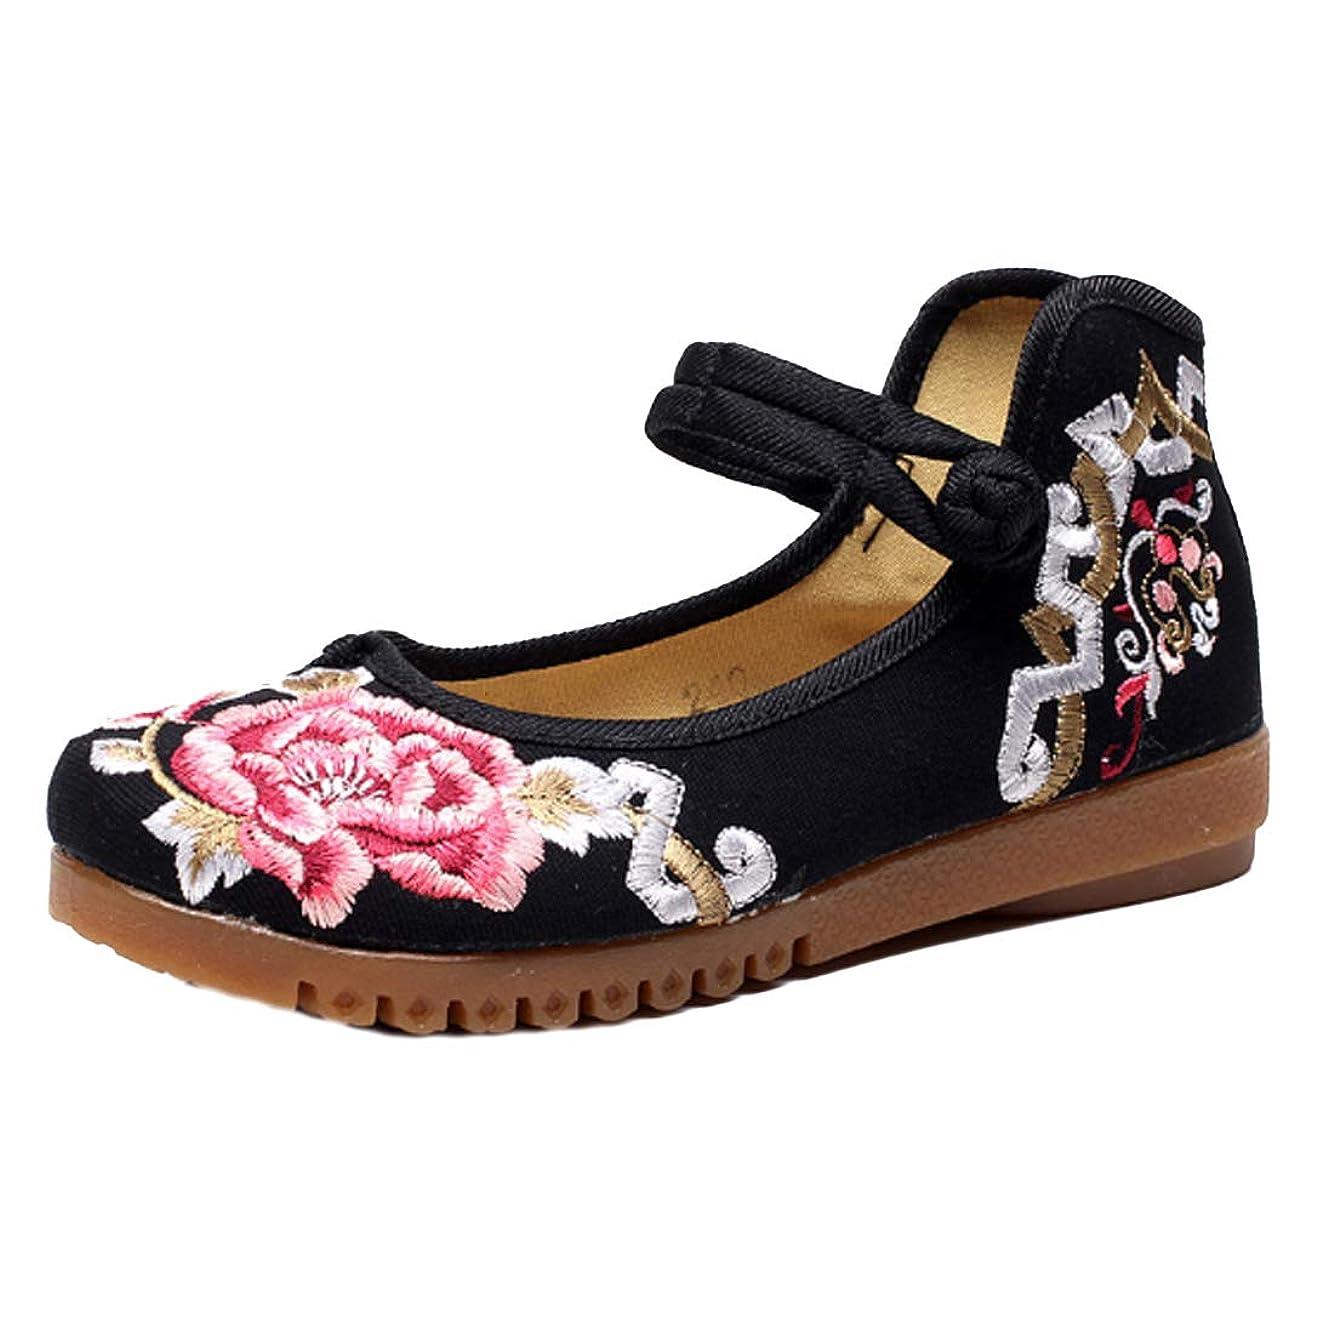 状態接続された発症[Fulision] フラワーズ 刺繍入りシューズ 婦人向け シングルシューズ 快適 カジュアルシューズ 結婚式の靴